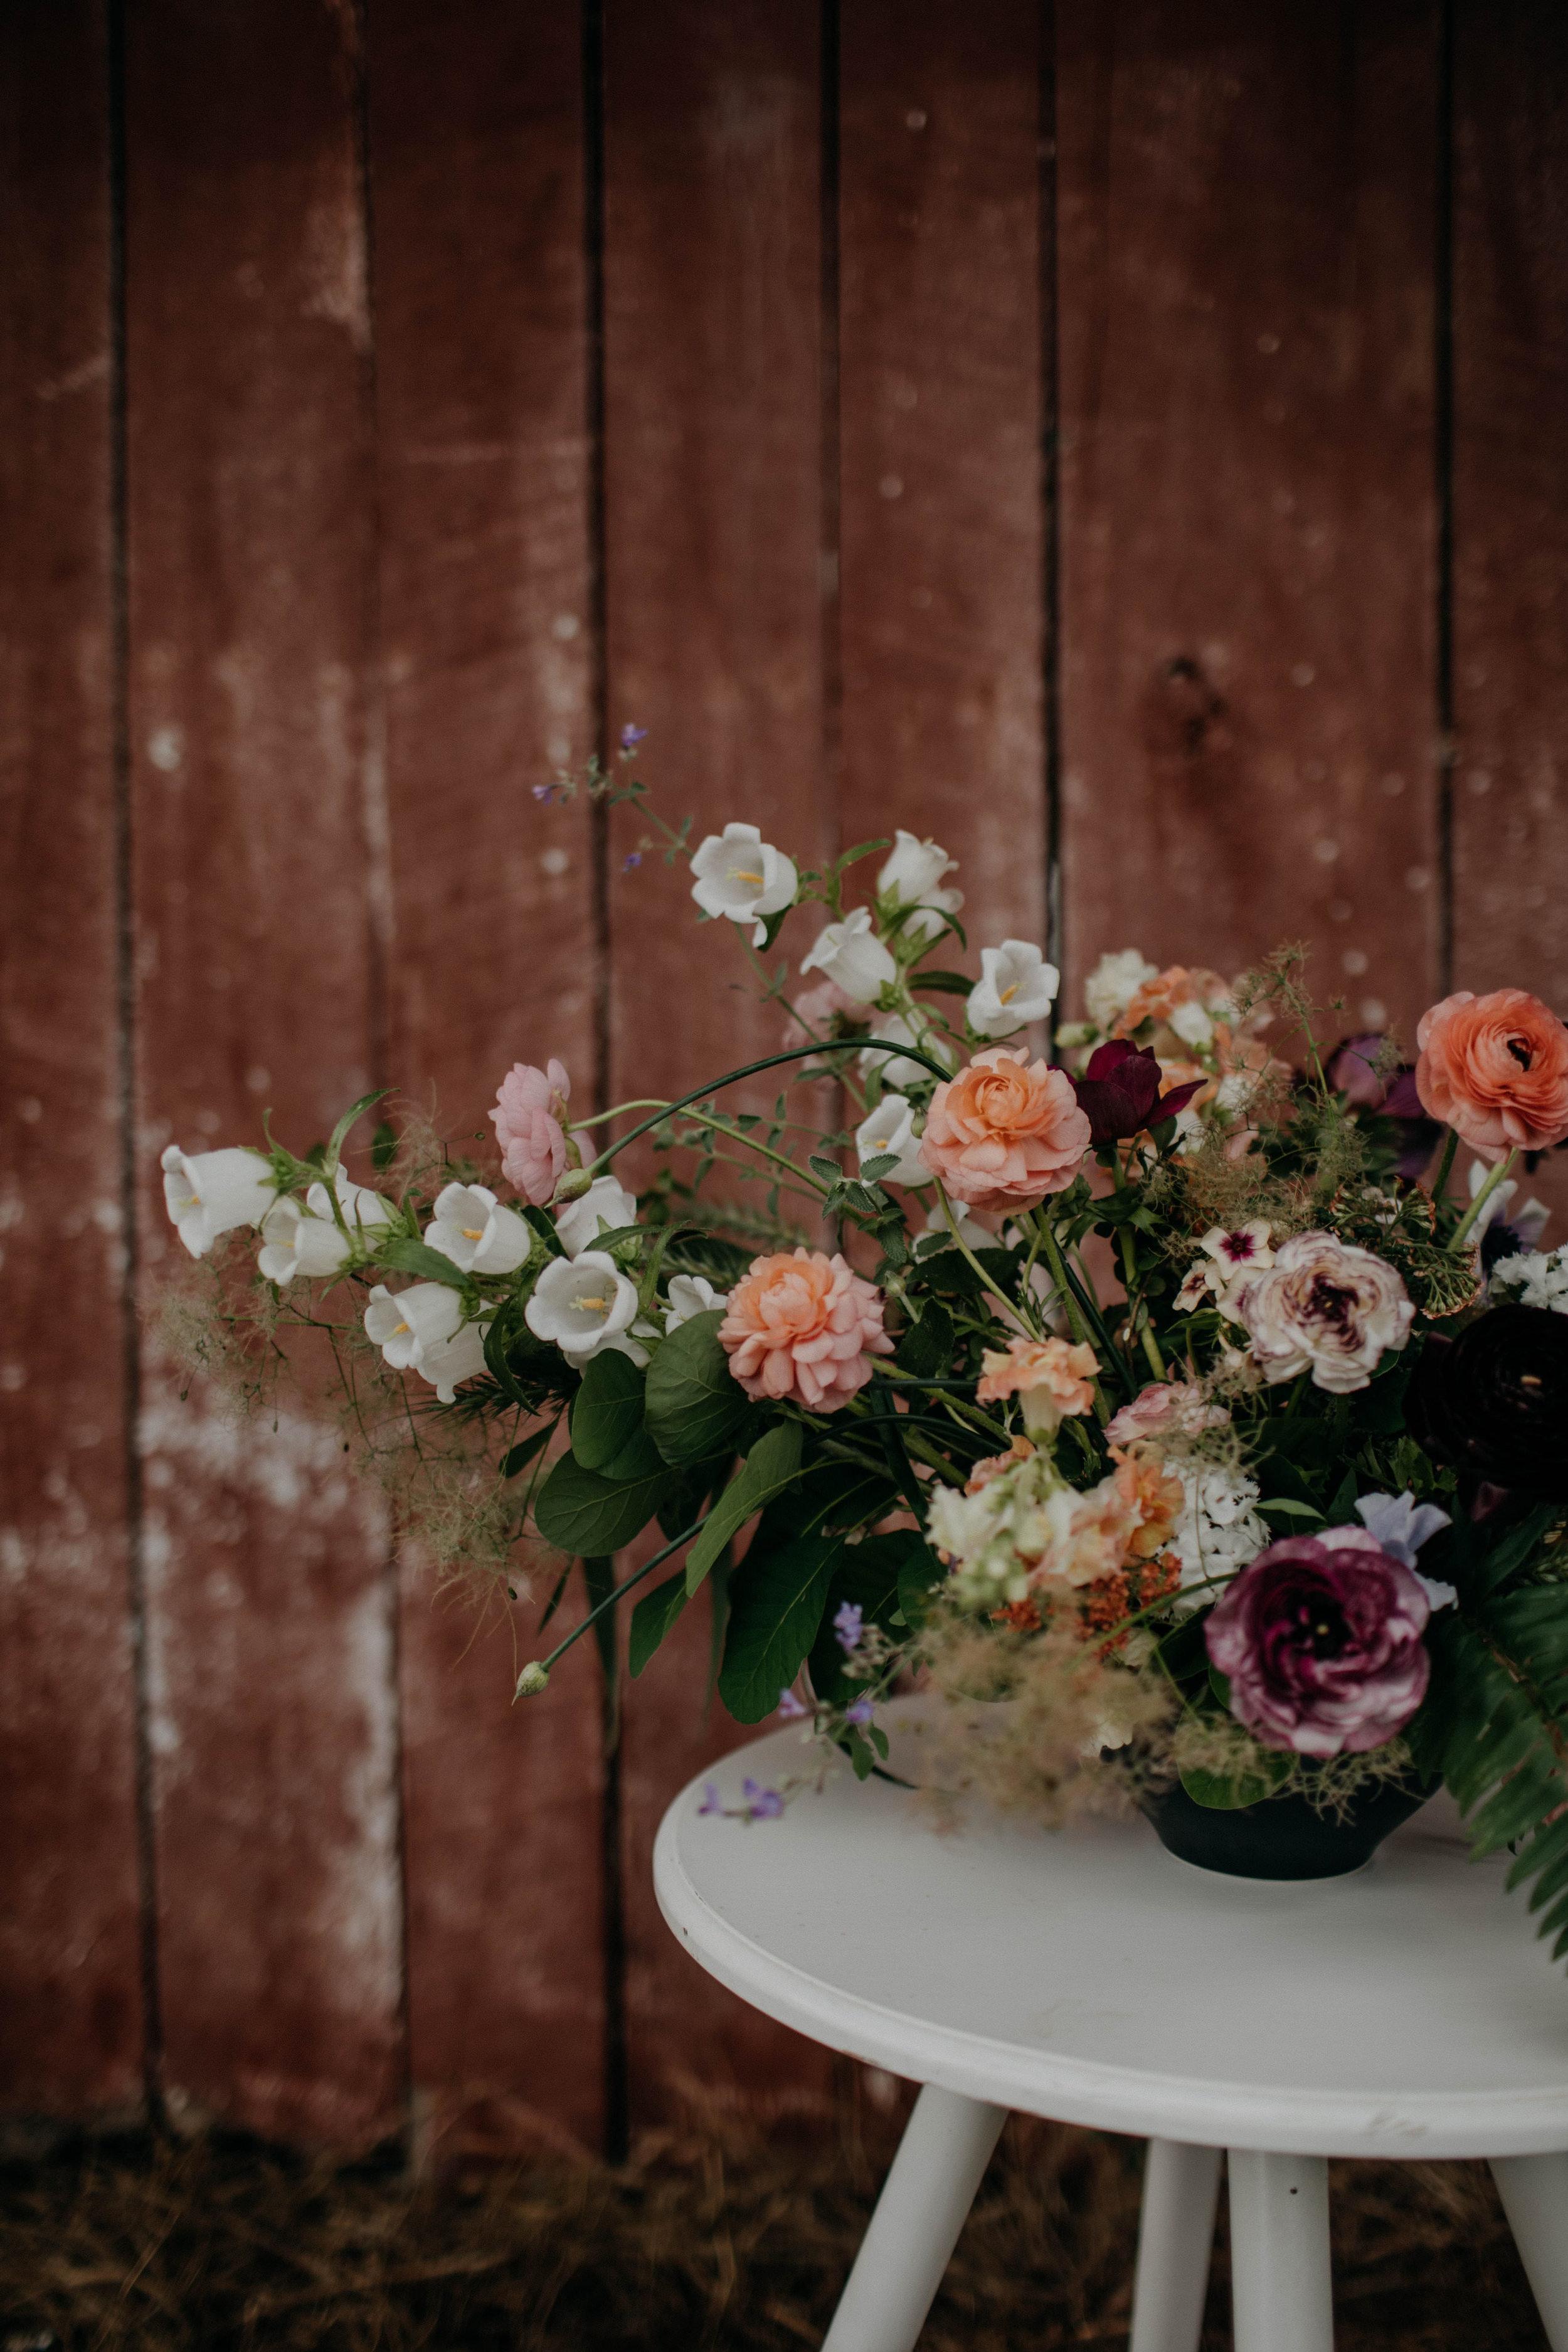 nashville floral workshop nashville tennessee wedding photographer84.jpg